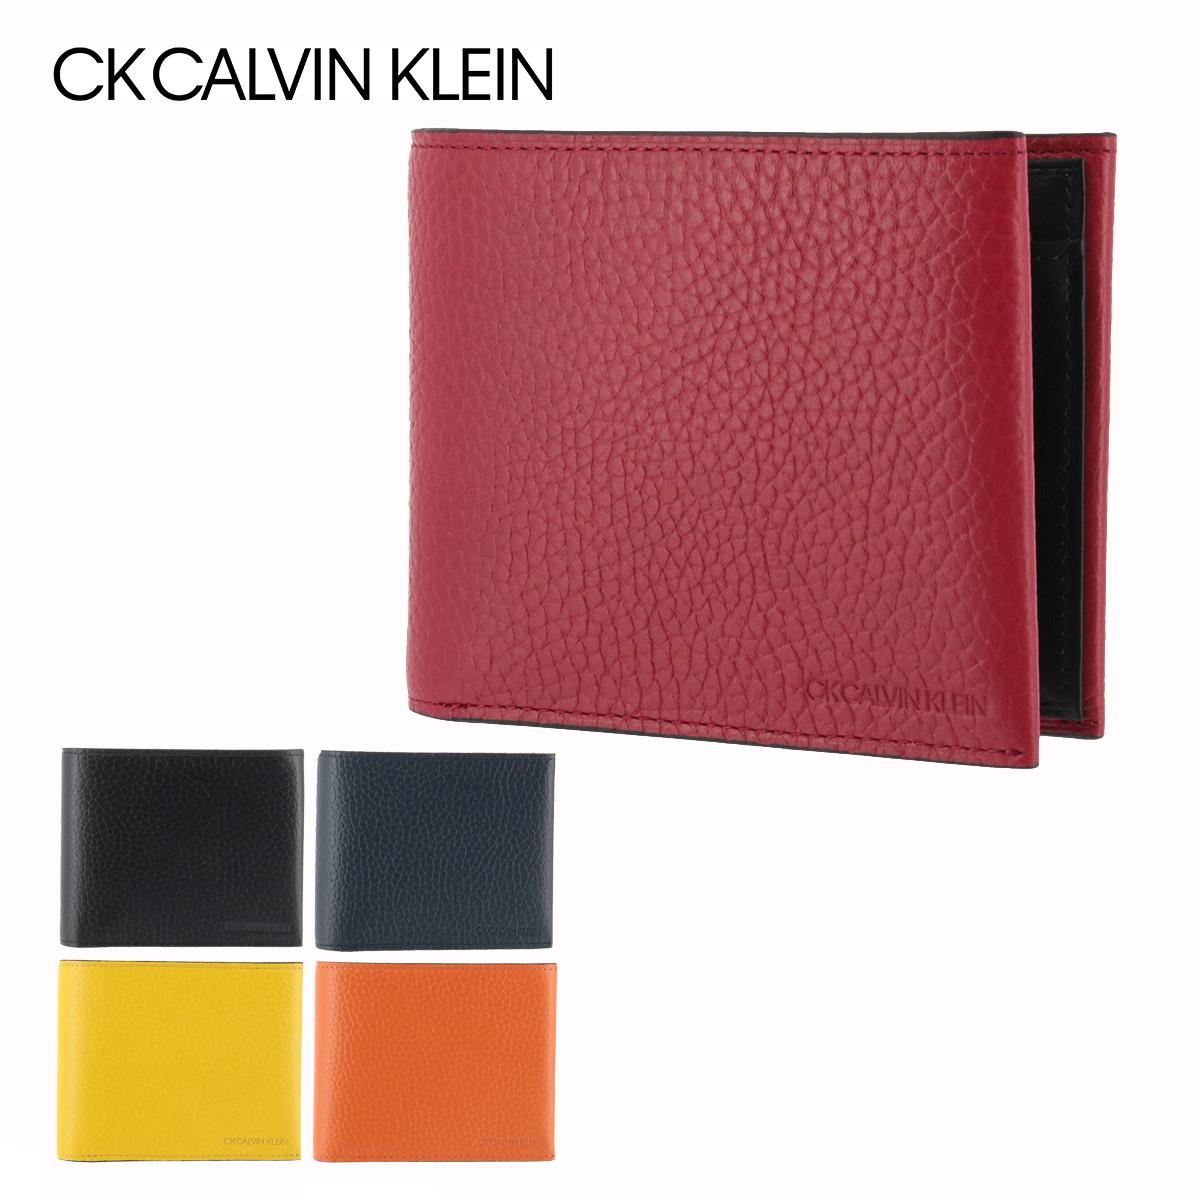 シーケー カルバンクライン 財布 二つ折り メンズ ラップ 820624 CK CALVIN KLEIN 本革 レザー[PO5][bef]